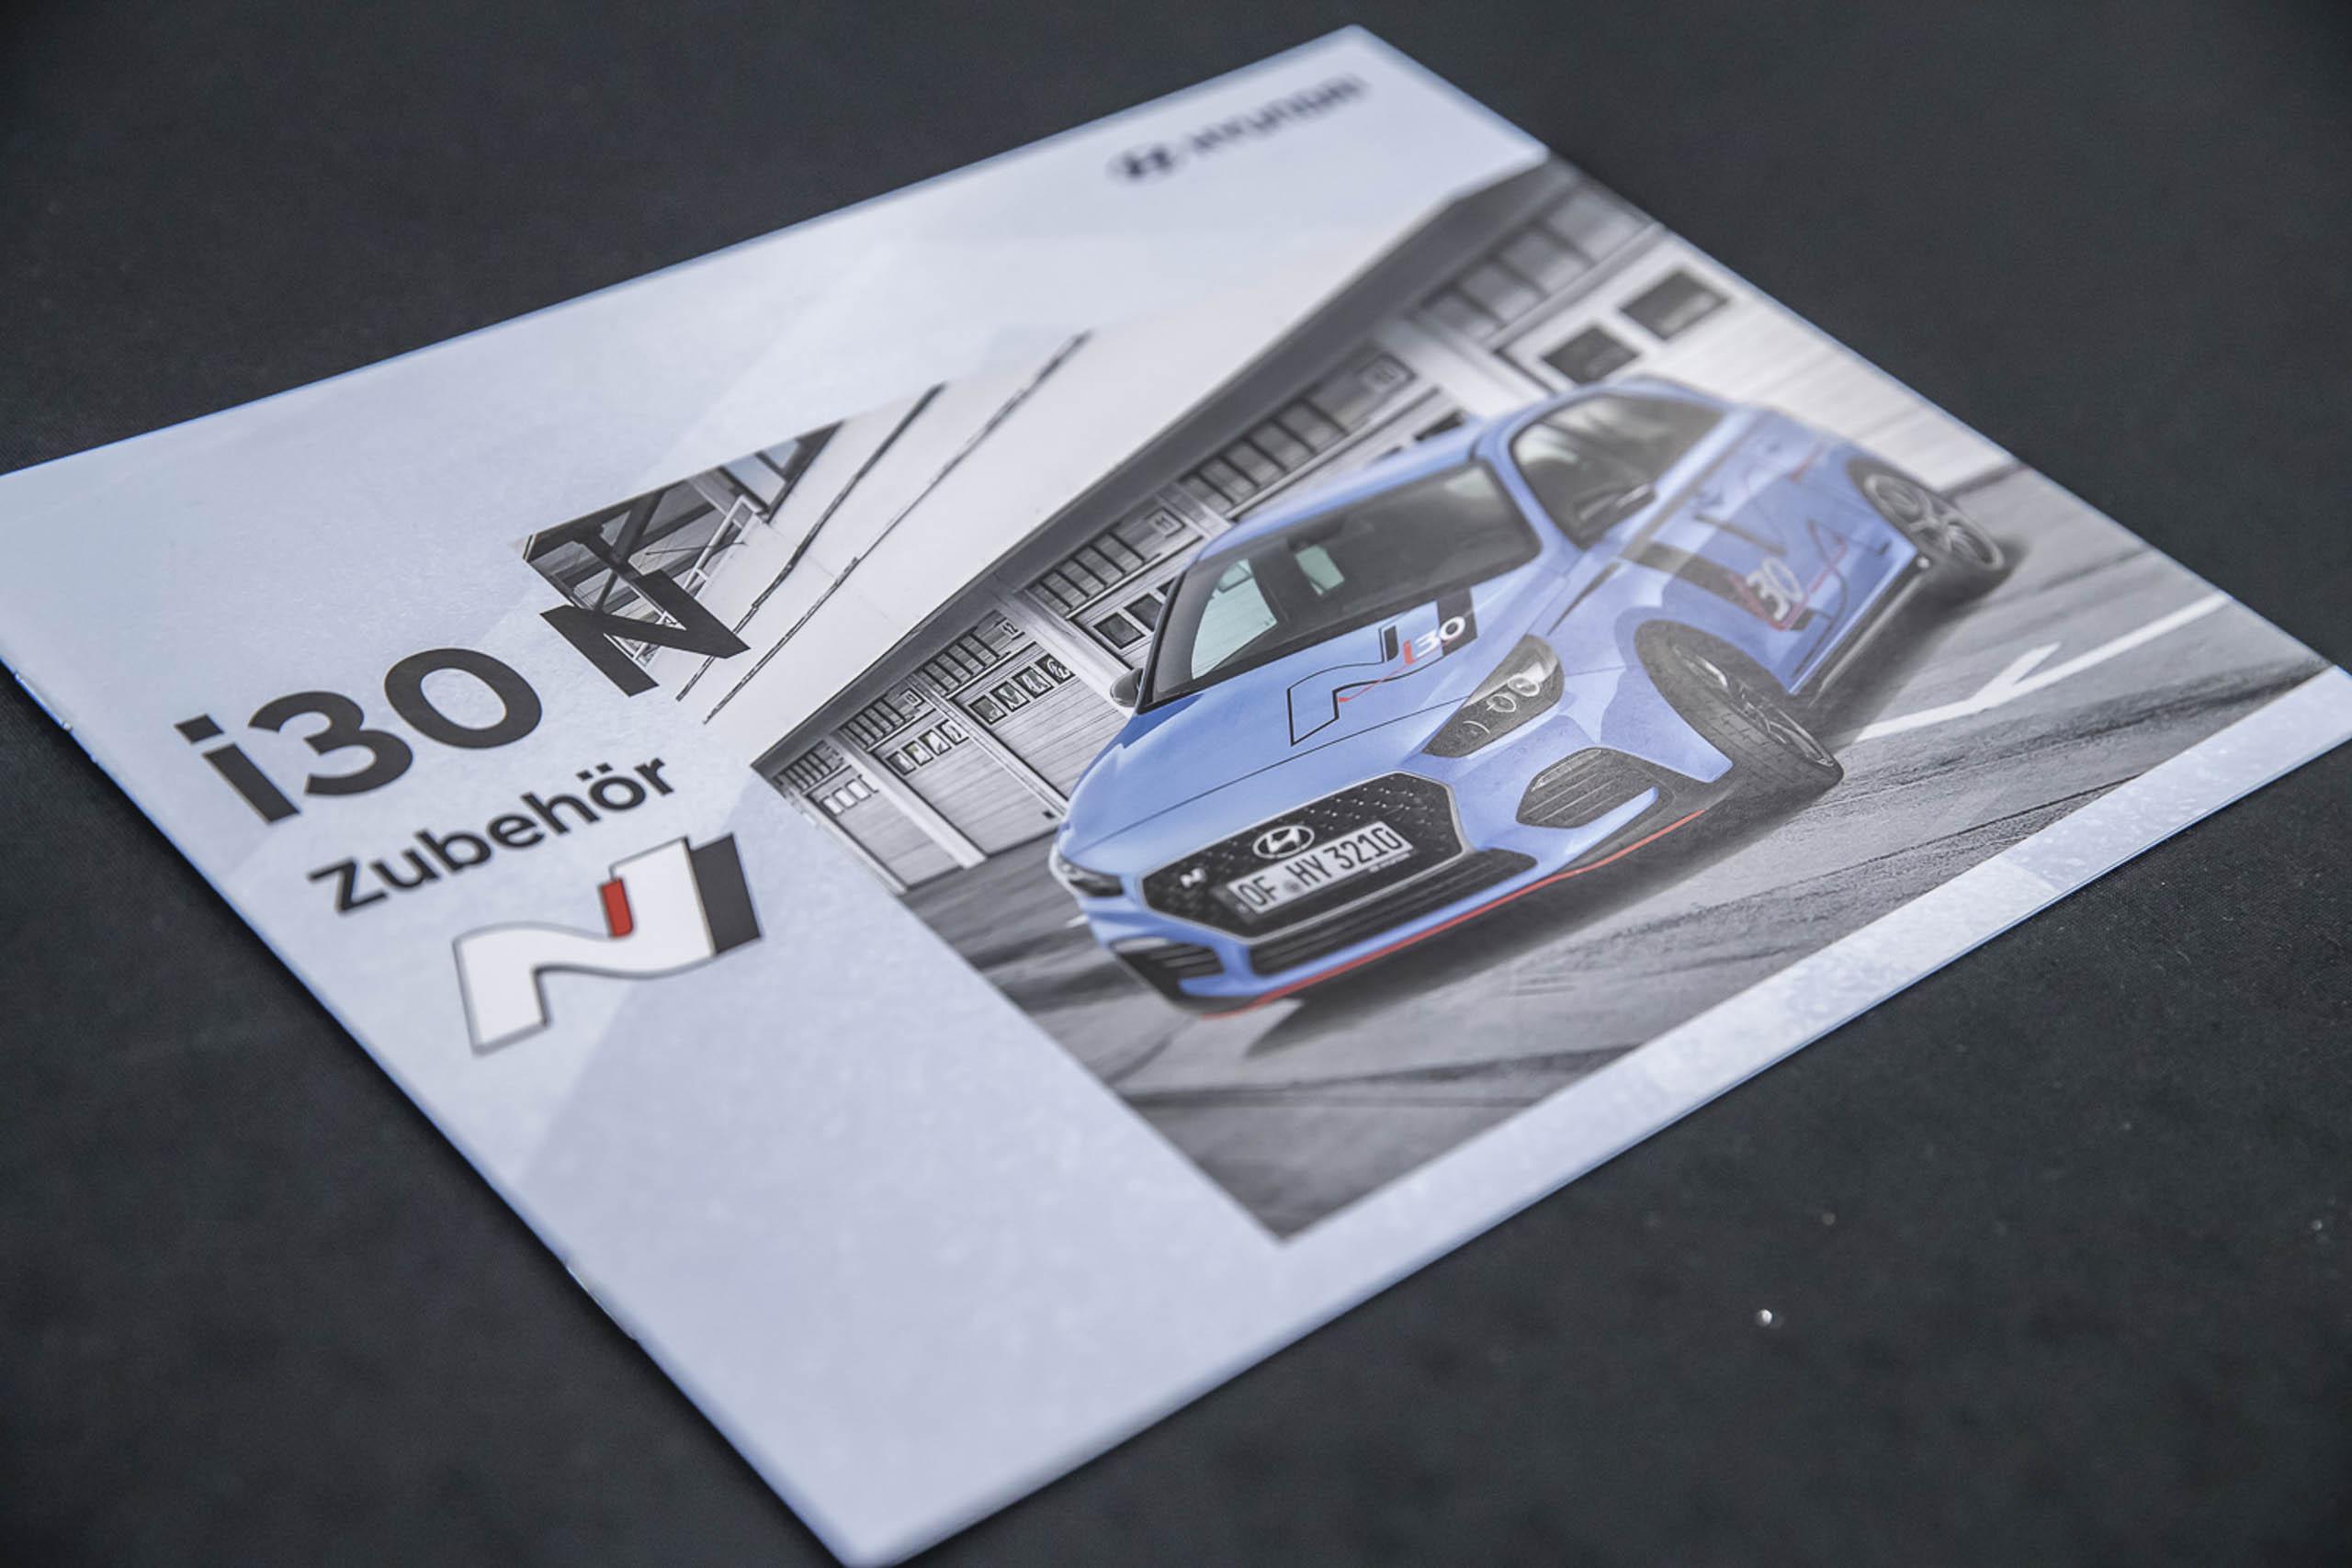 Hyundai i30 N Zubehör Broschüre